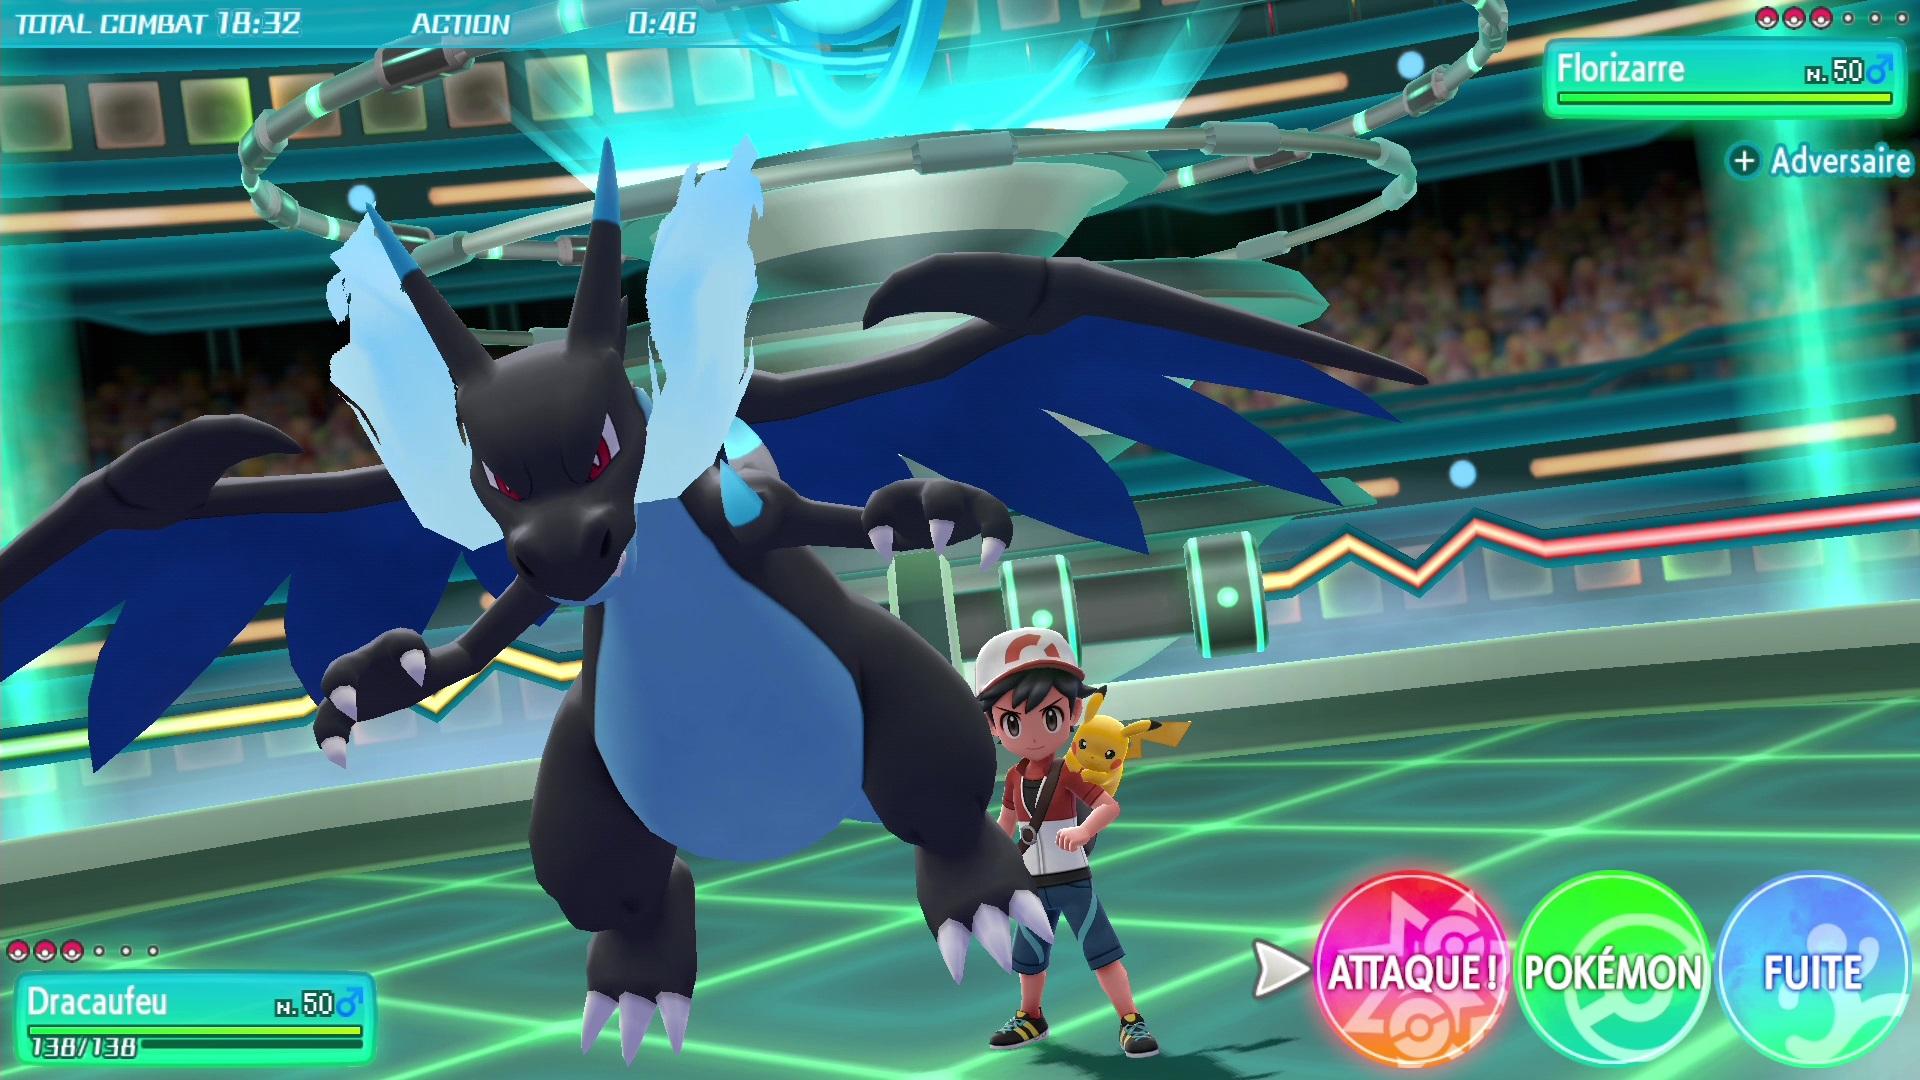 La Méga évolution Dans Pokémon Lets Go Pikachu Et